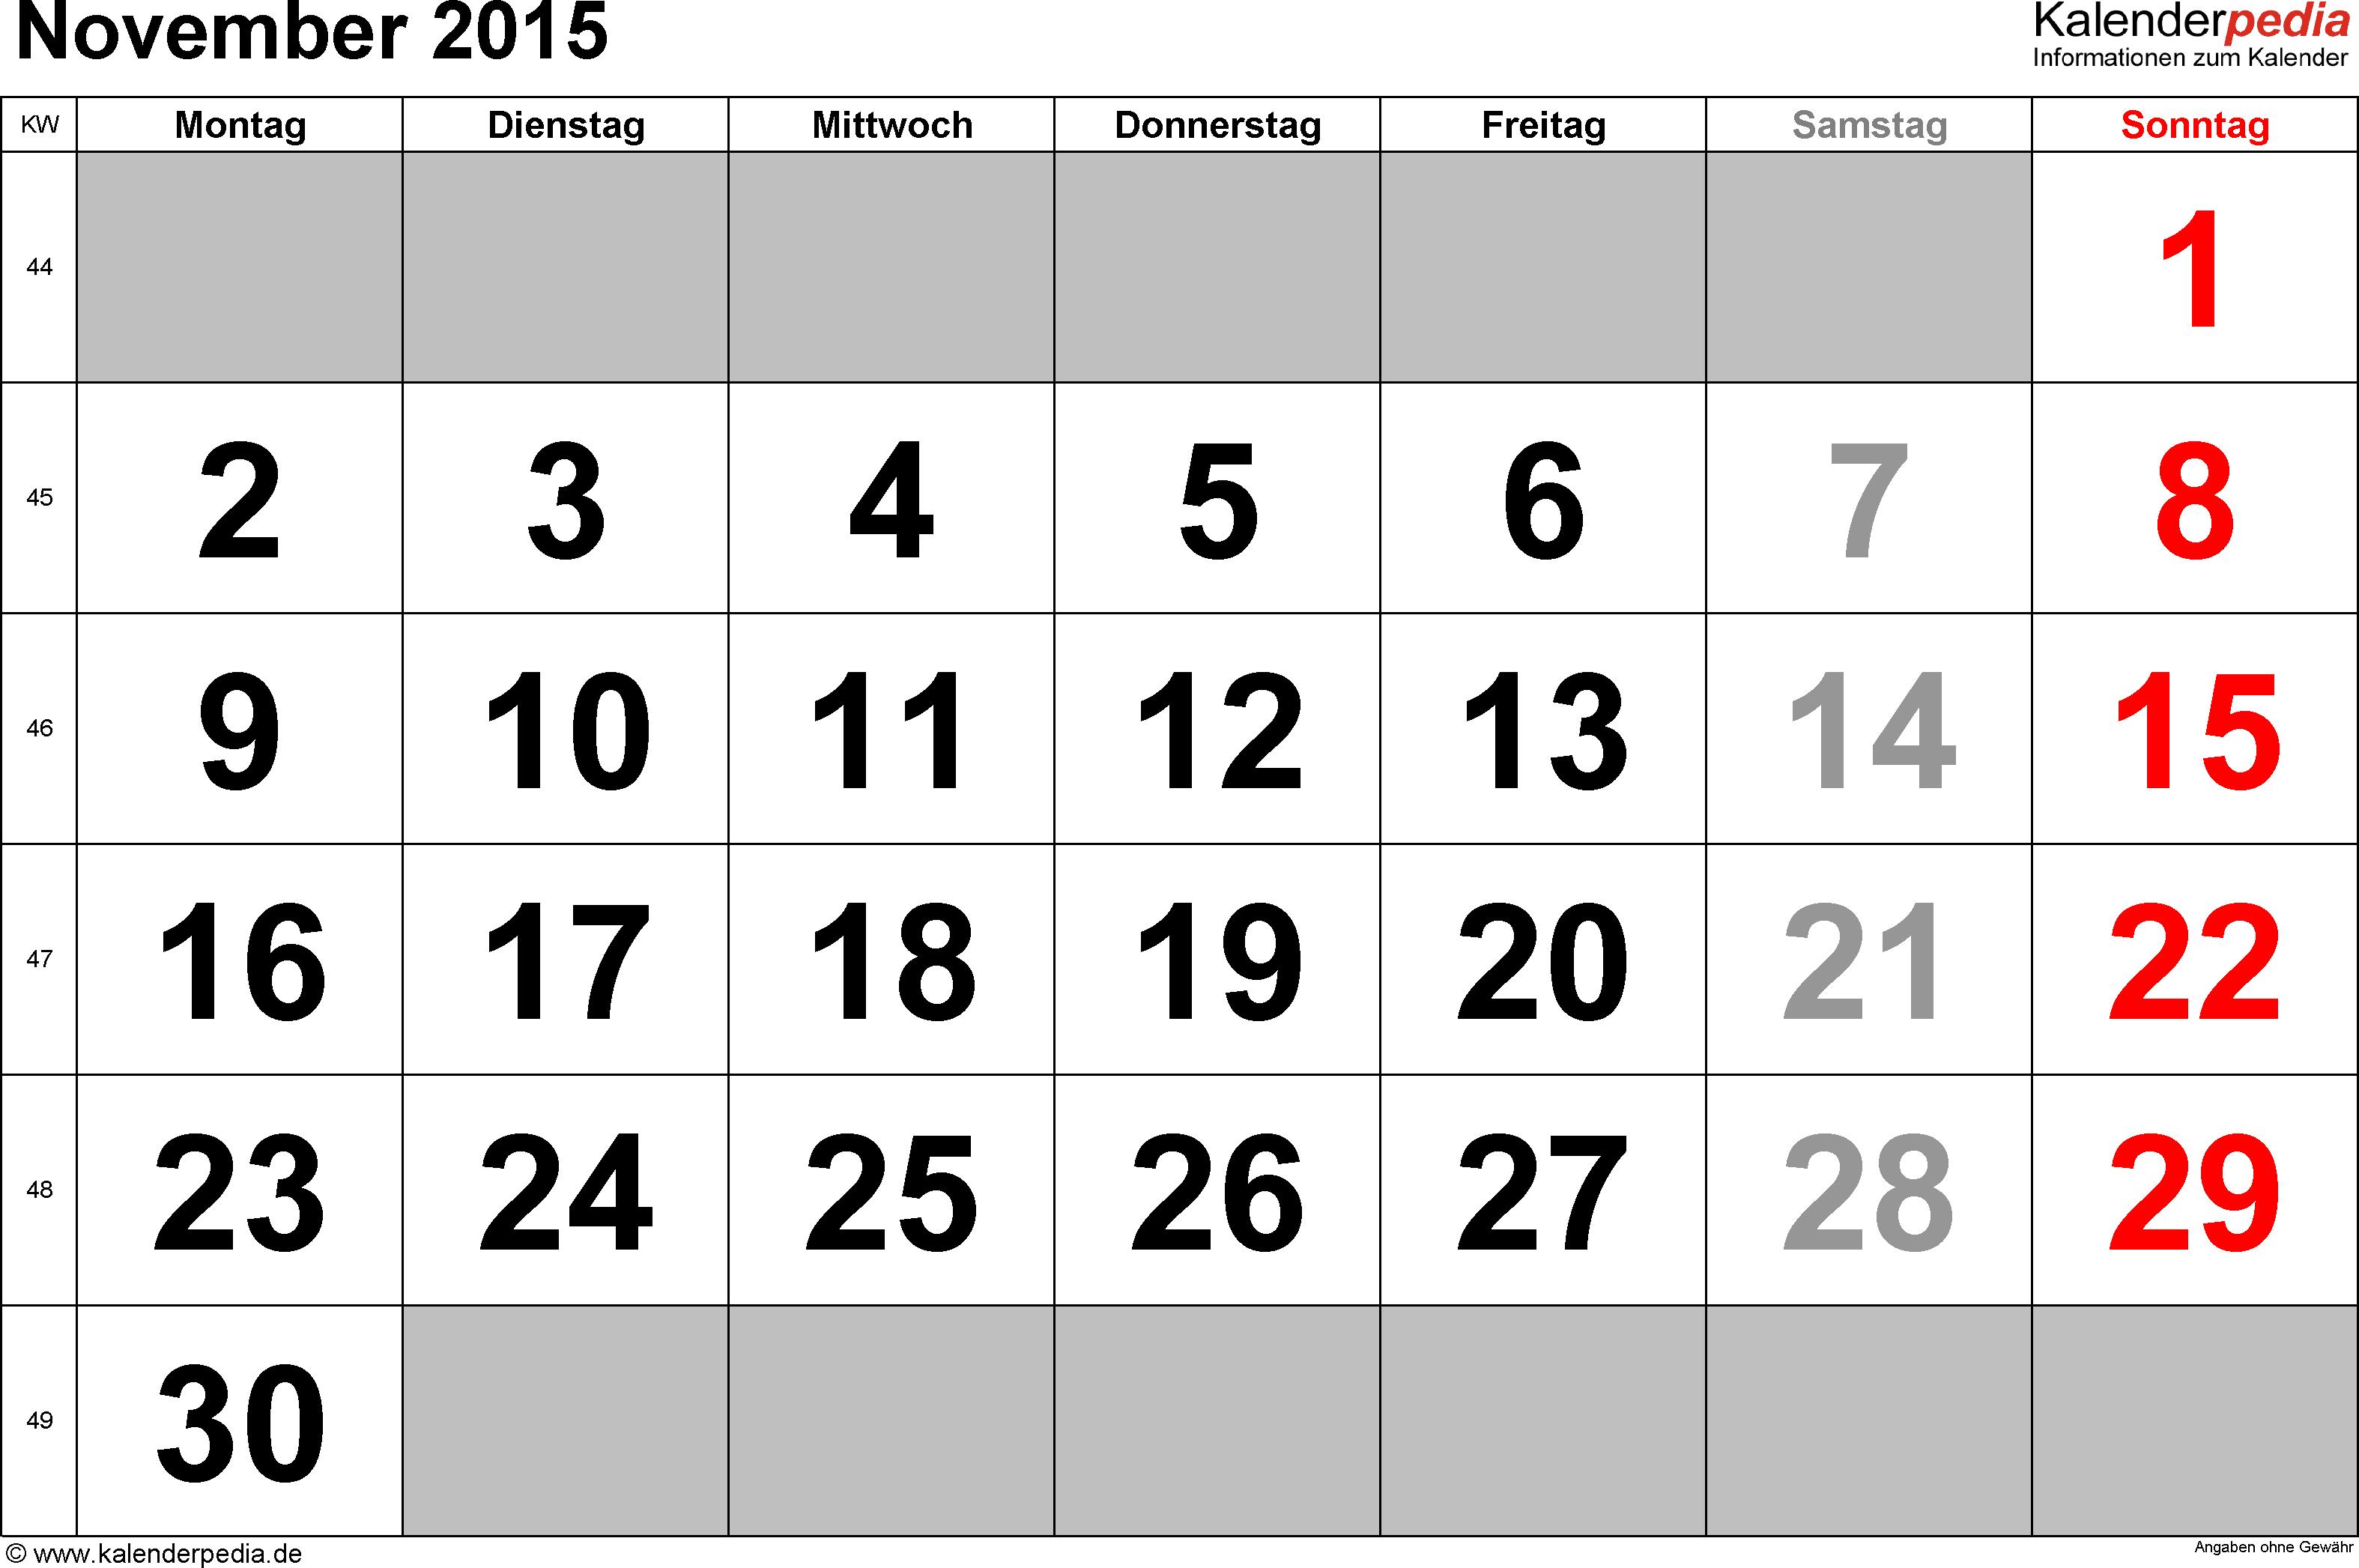 Kalender November 2015 im Querformat, grosse Ziffern